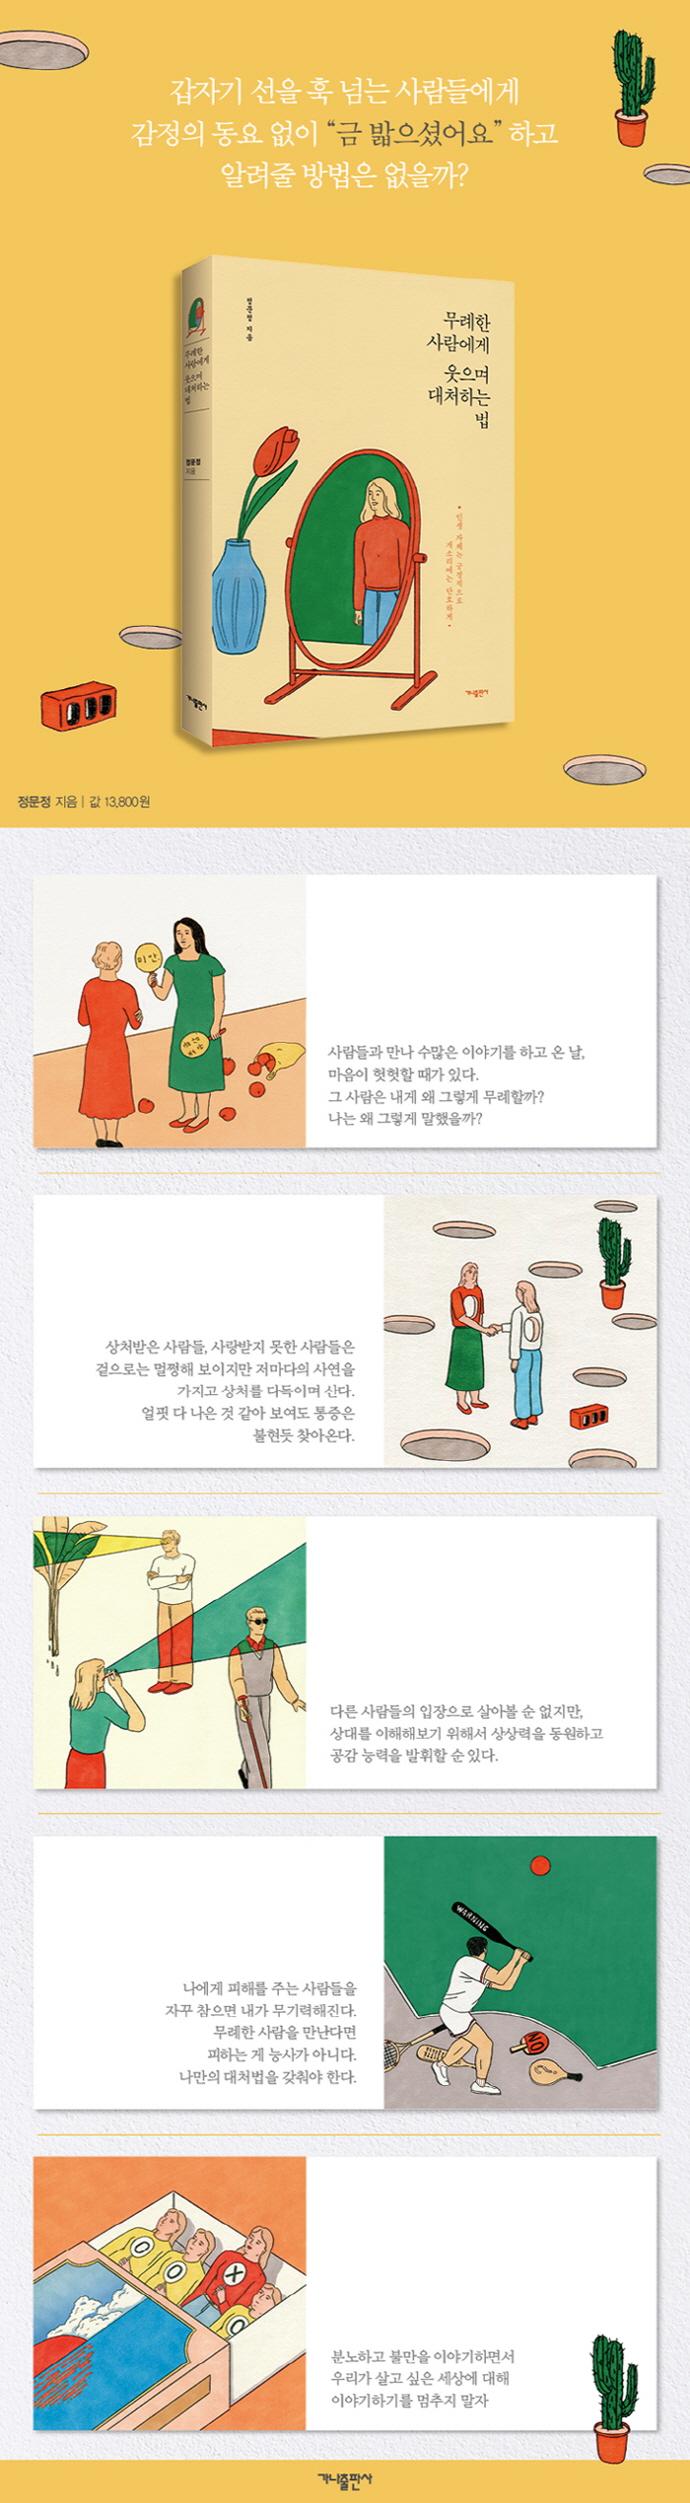 무례한 사람에게 웃으며 대처하는 법(50만 부 돌파 기념 스페셜 에디션) 도서 상세이미지